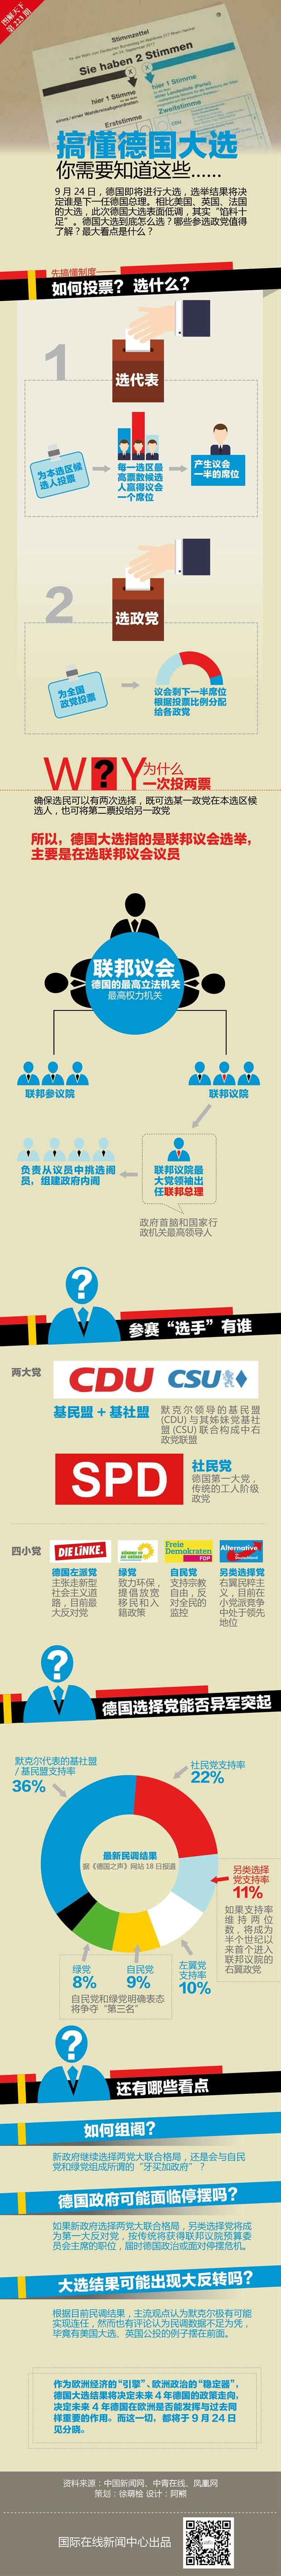 【图解天下】第223期:搞懂德国大选,你需要知道这些